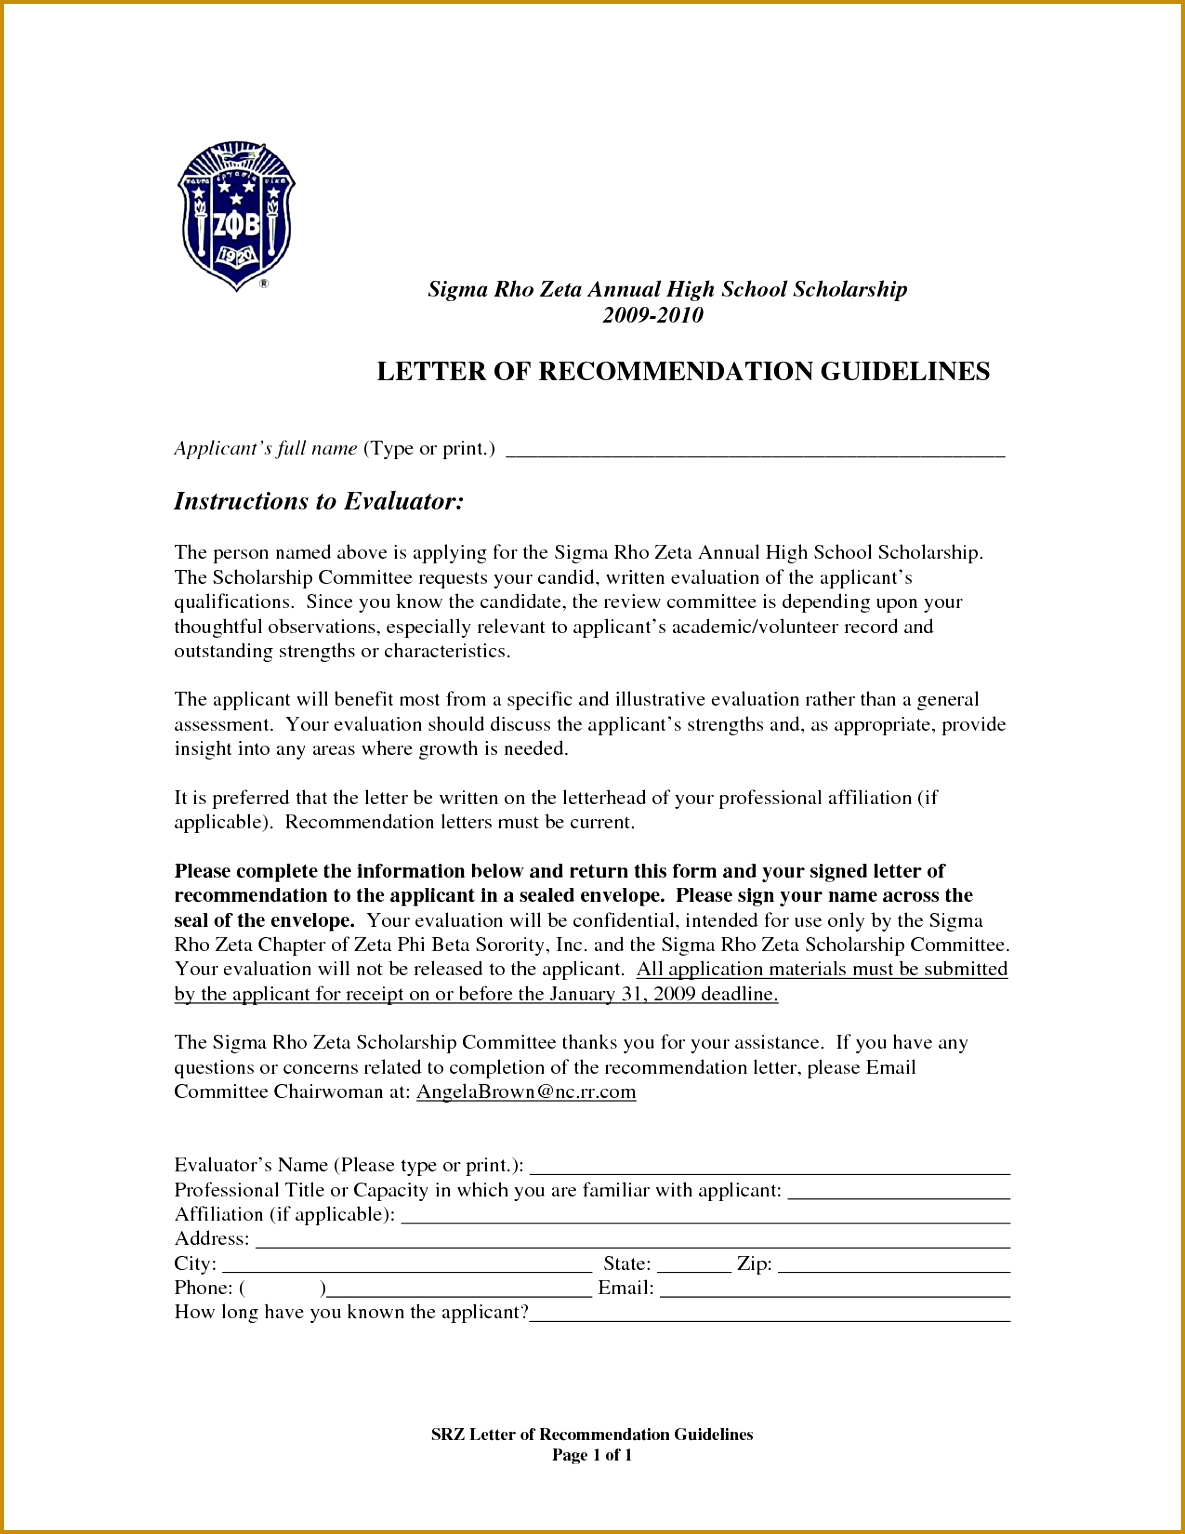 letter of re mendation formats 15341185